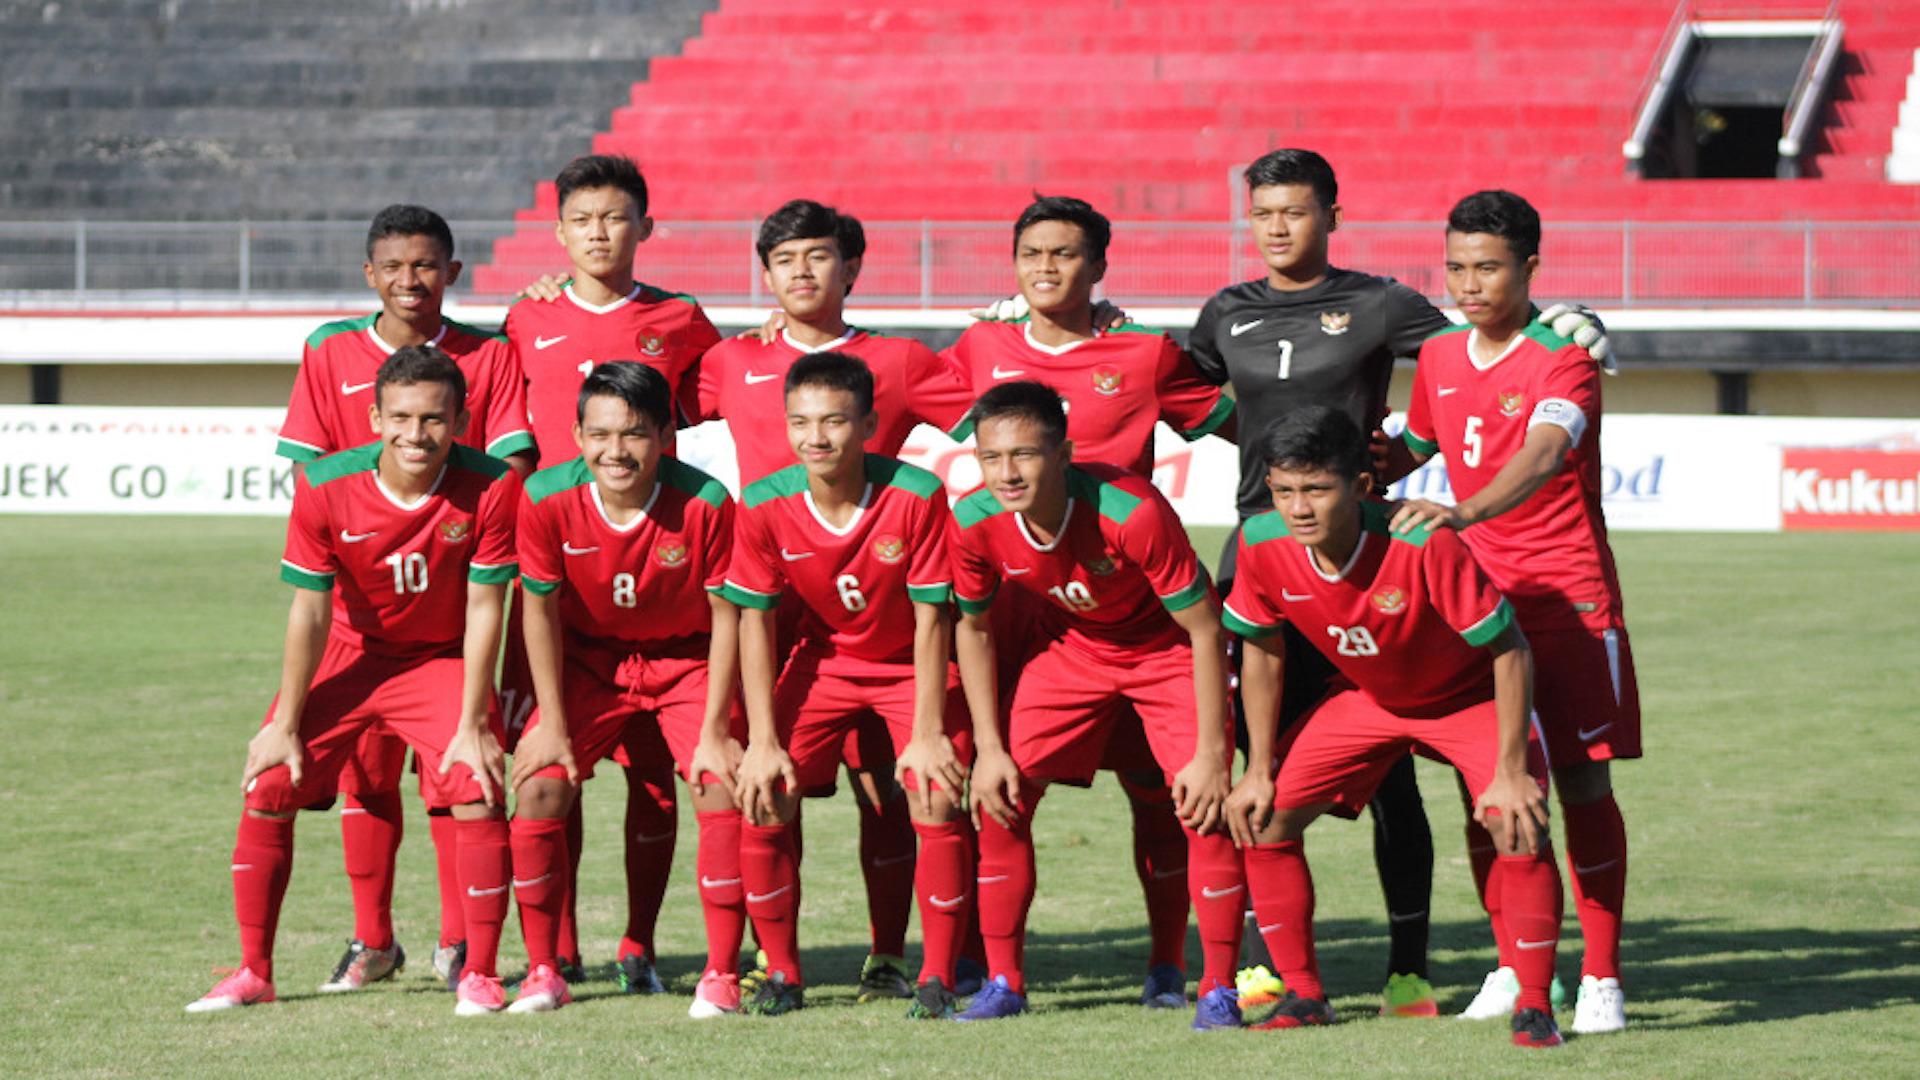 Catatan Performa Timnas Indonesia U-19 Setelah Tersingkir